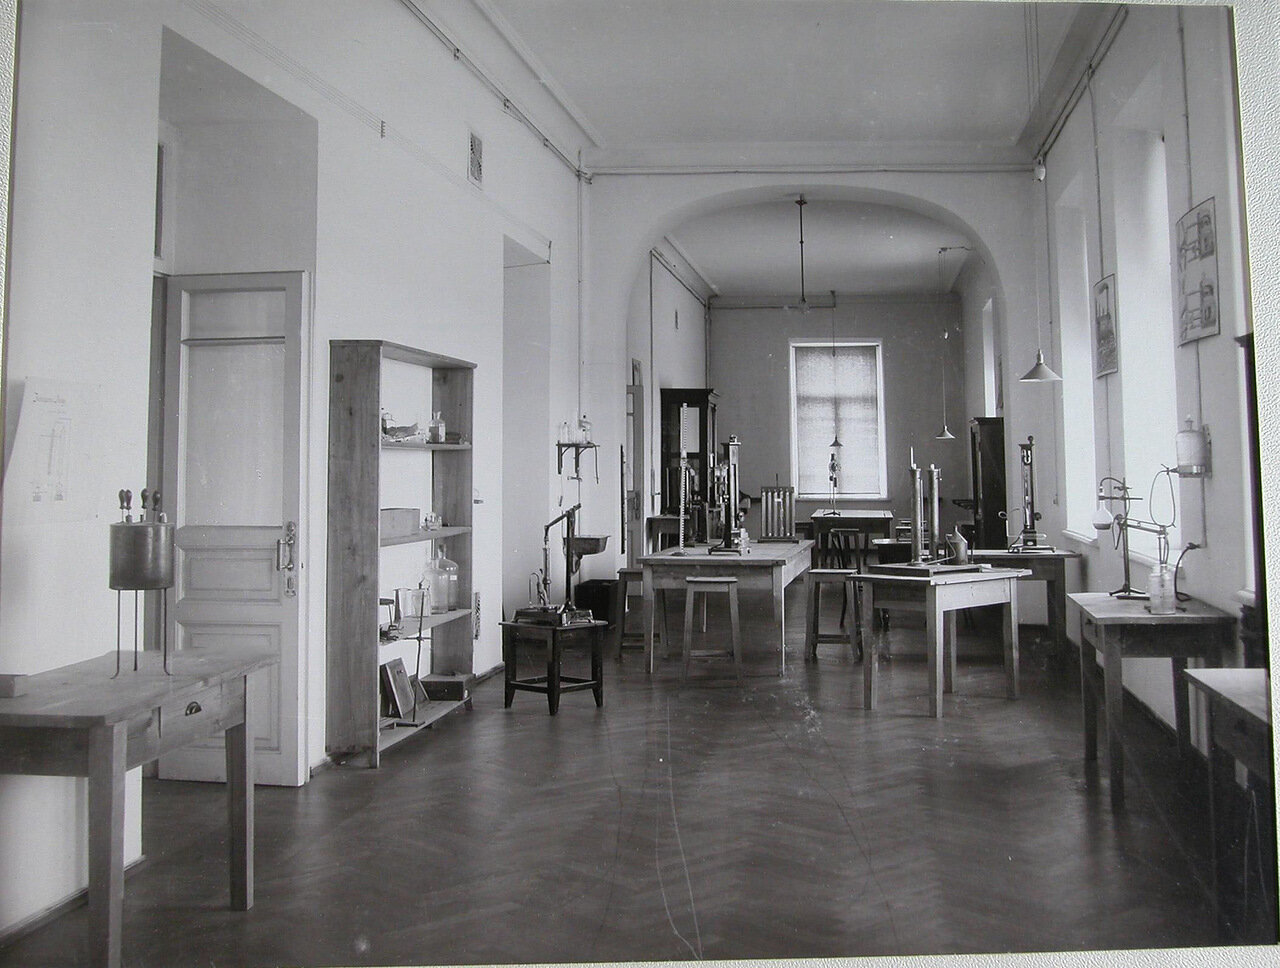 15. Вид части одной из лабораторий c измерительными приборами